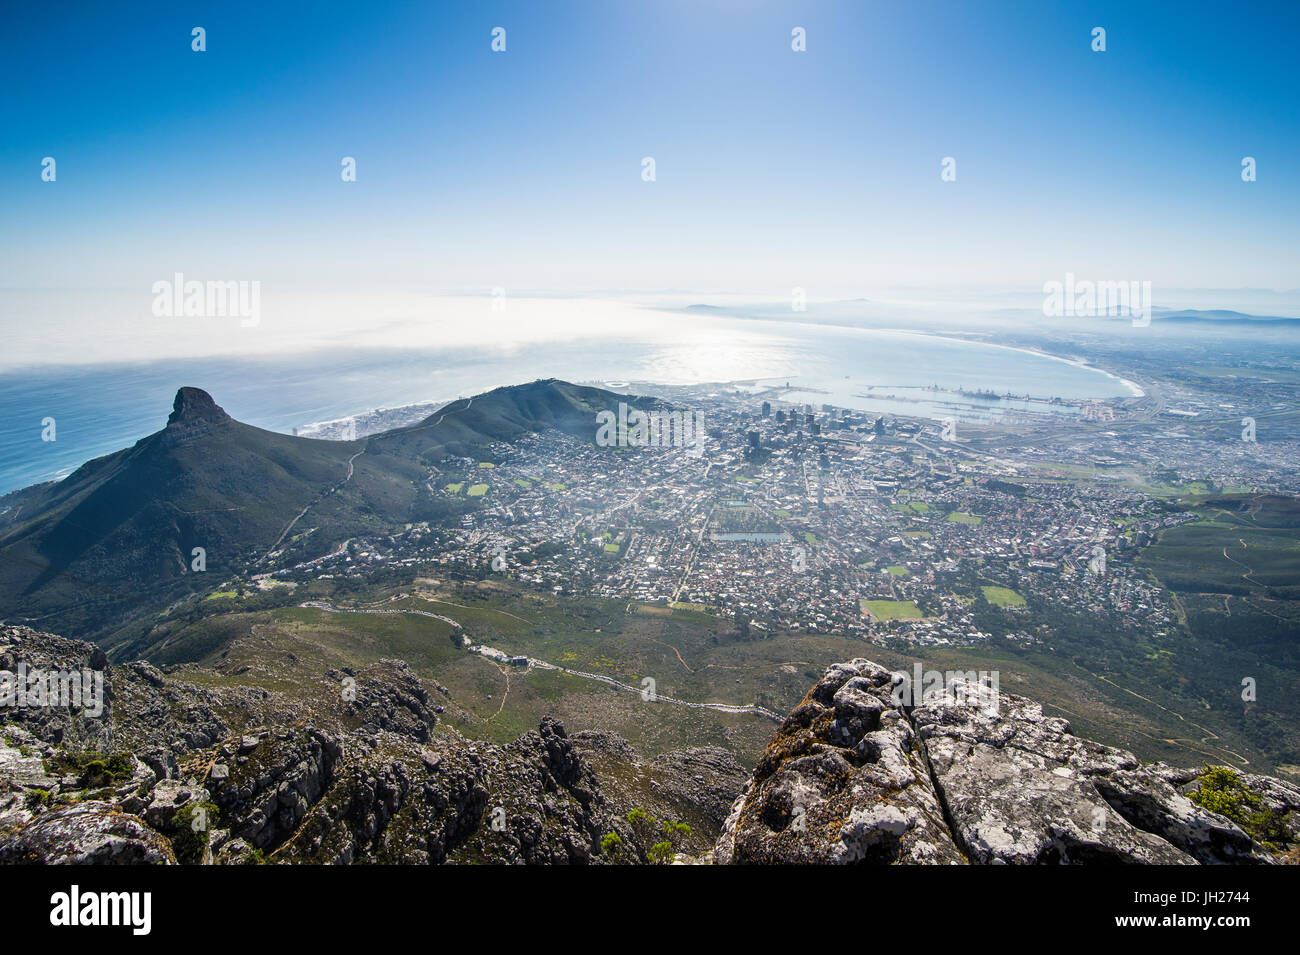 Vue sur le cap à partir de la Table Mountain, Afrique du Sud, l'Afrique Banque D'Images